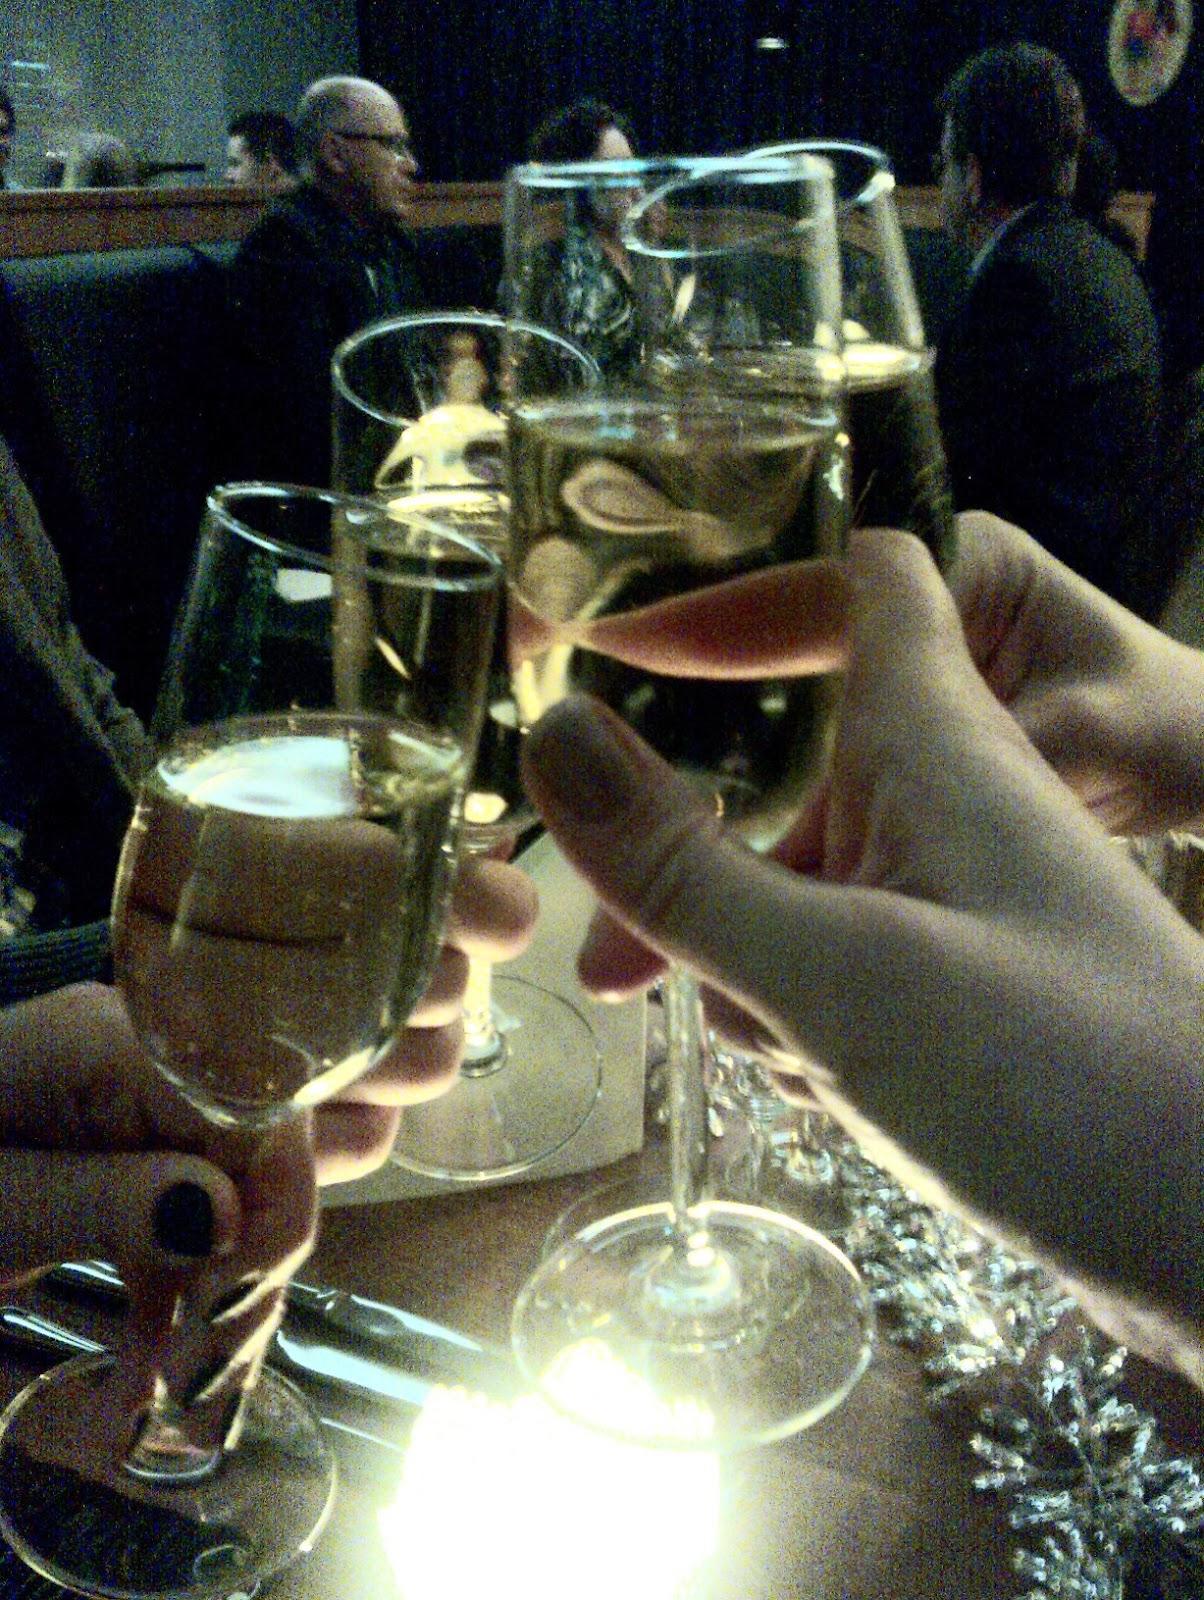 Mot nya äventyr!: Gott nytt år!